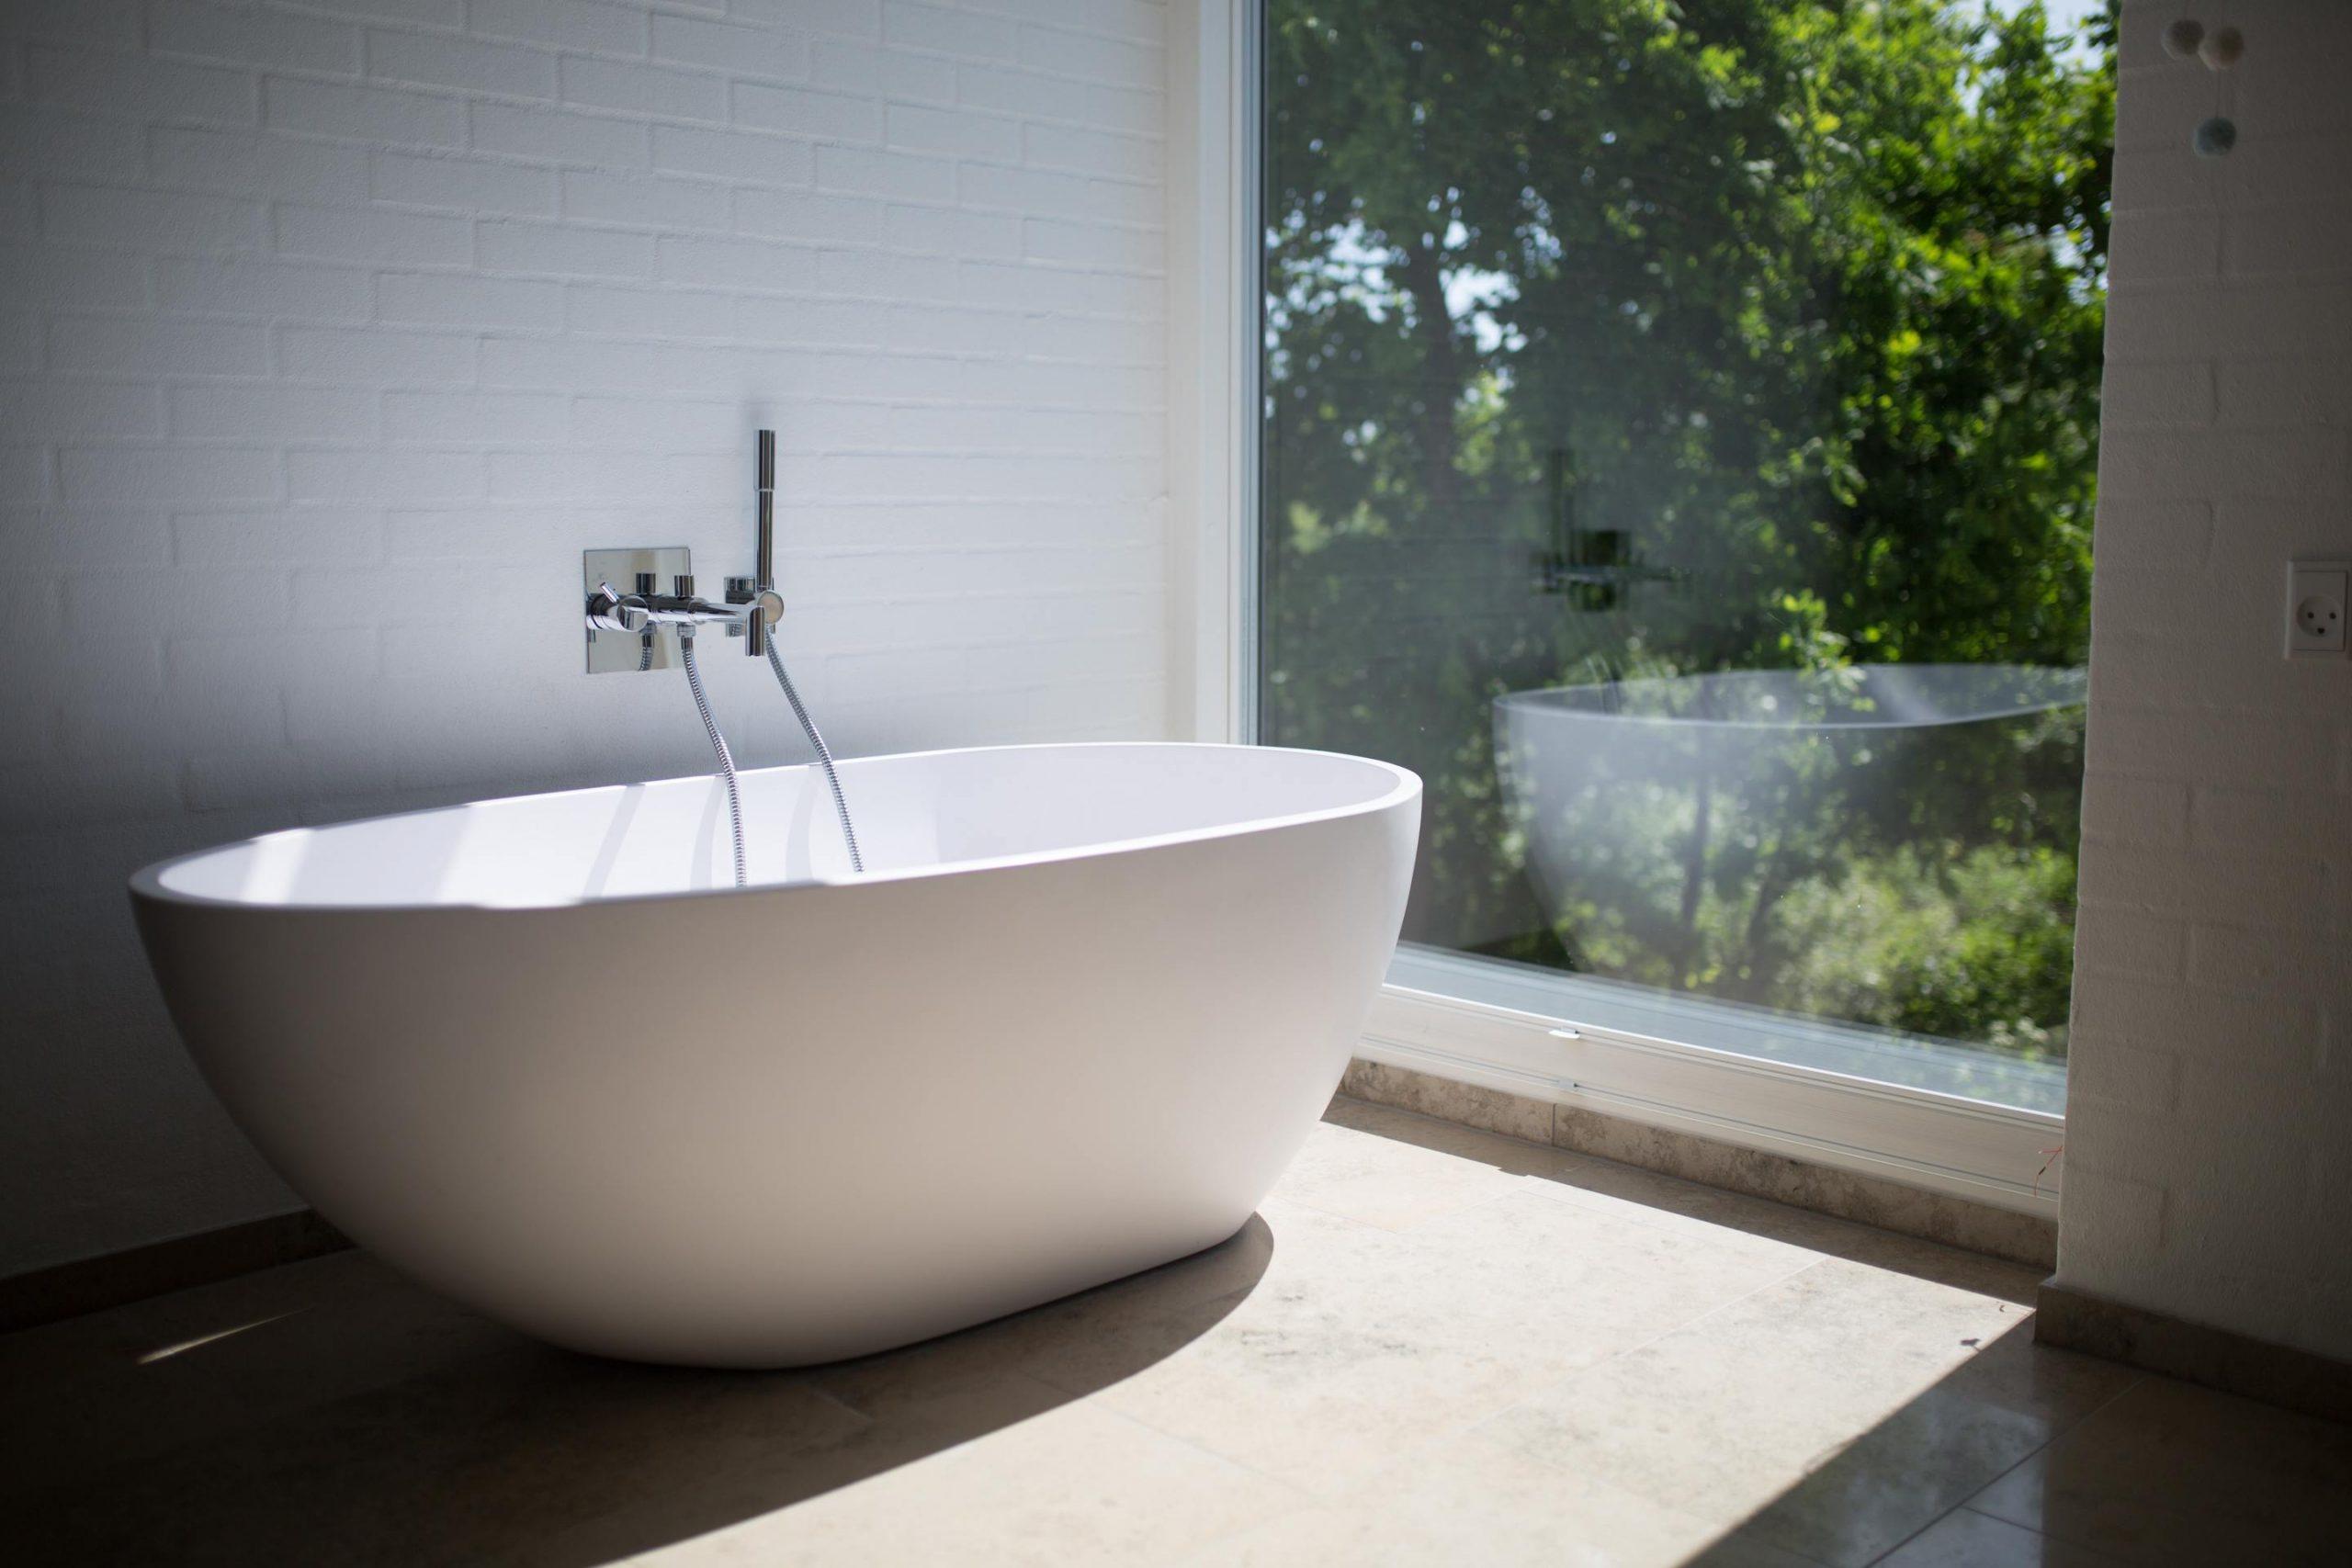 Image of a bath tub by a window